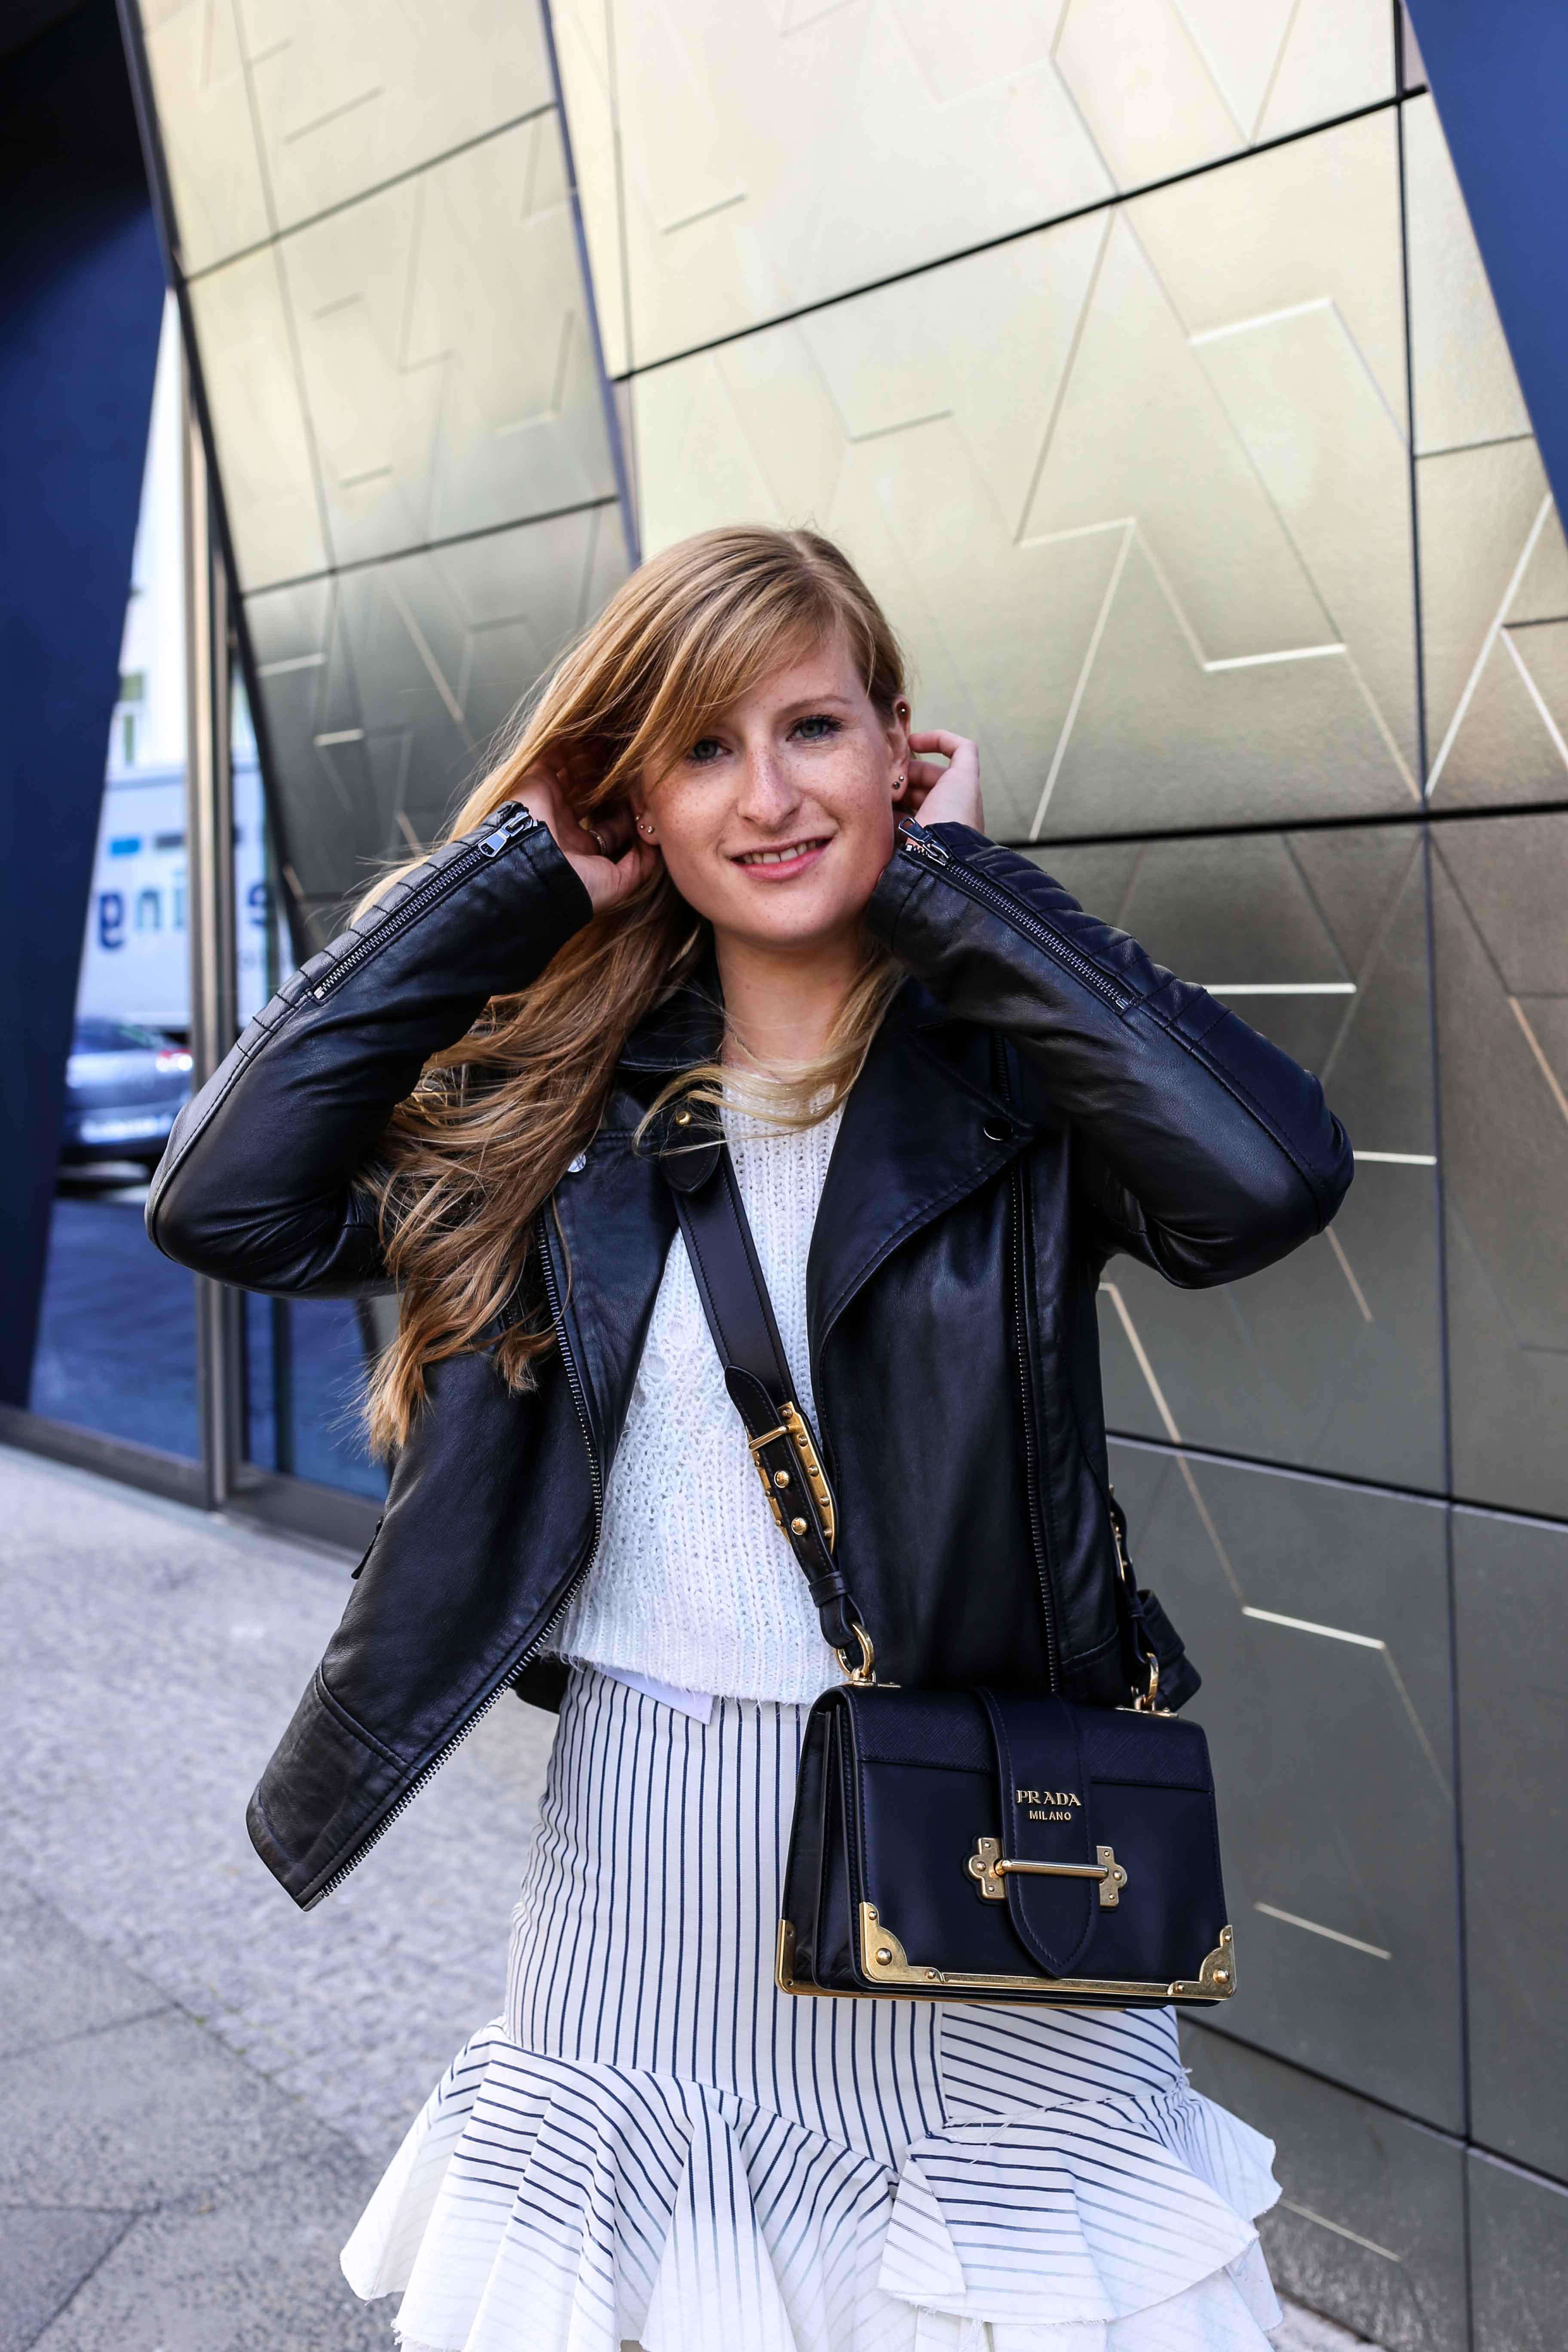 Fashion Week Outfit Berlin Asymmetrischer Jeansrock Streifen Zara Crop Top Mules Lederjacke Streetstyle Modeblog 92